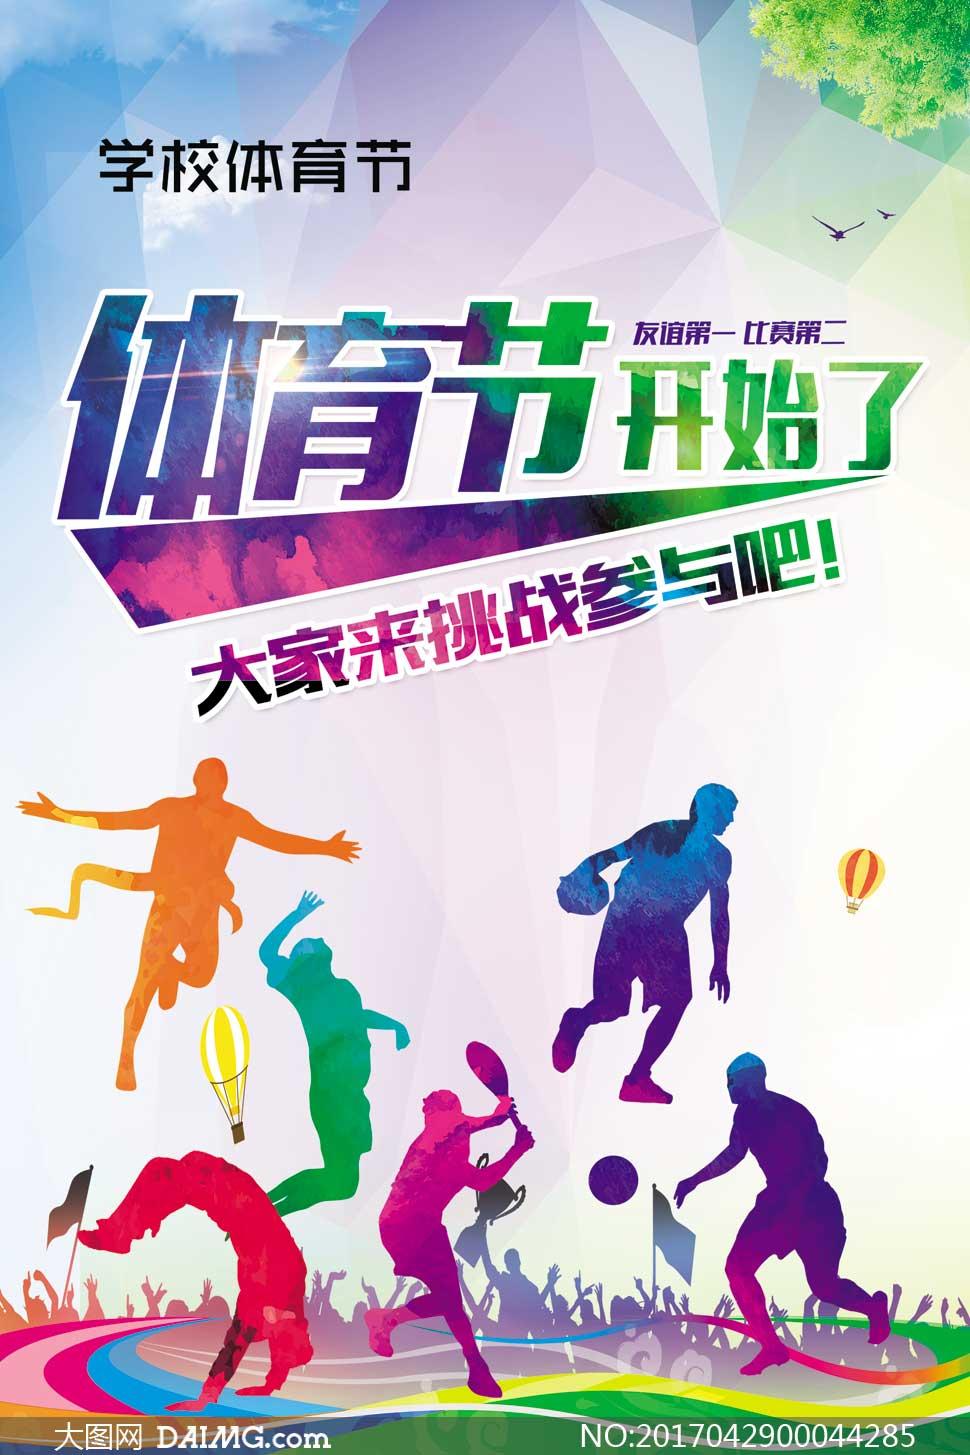 校园体育节宣传海报设计psd素材